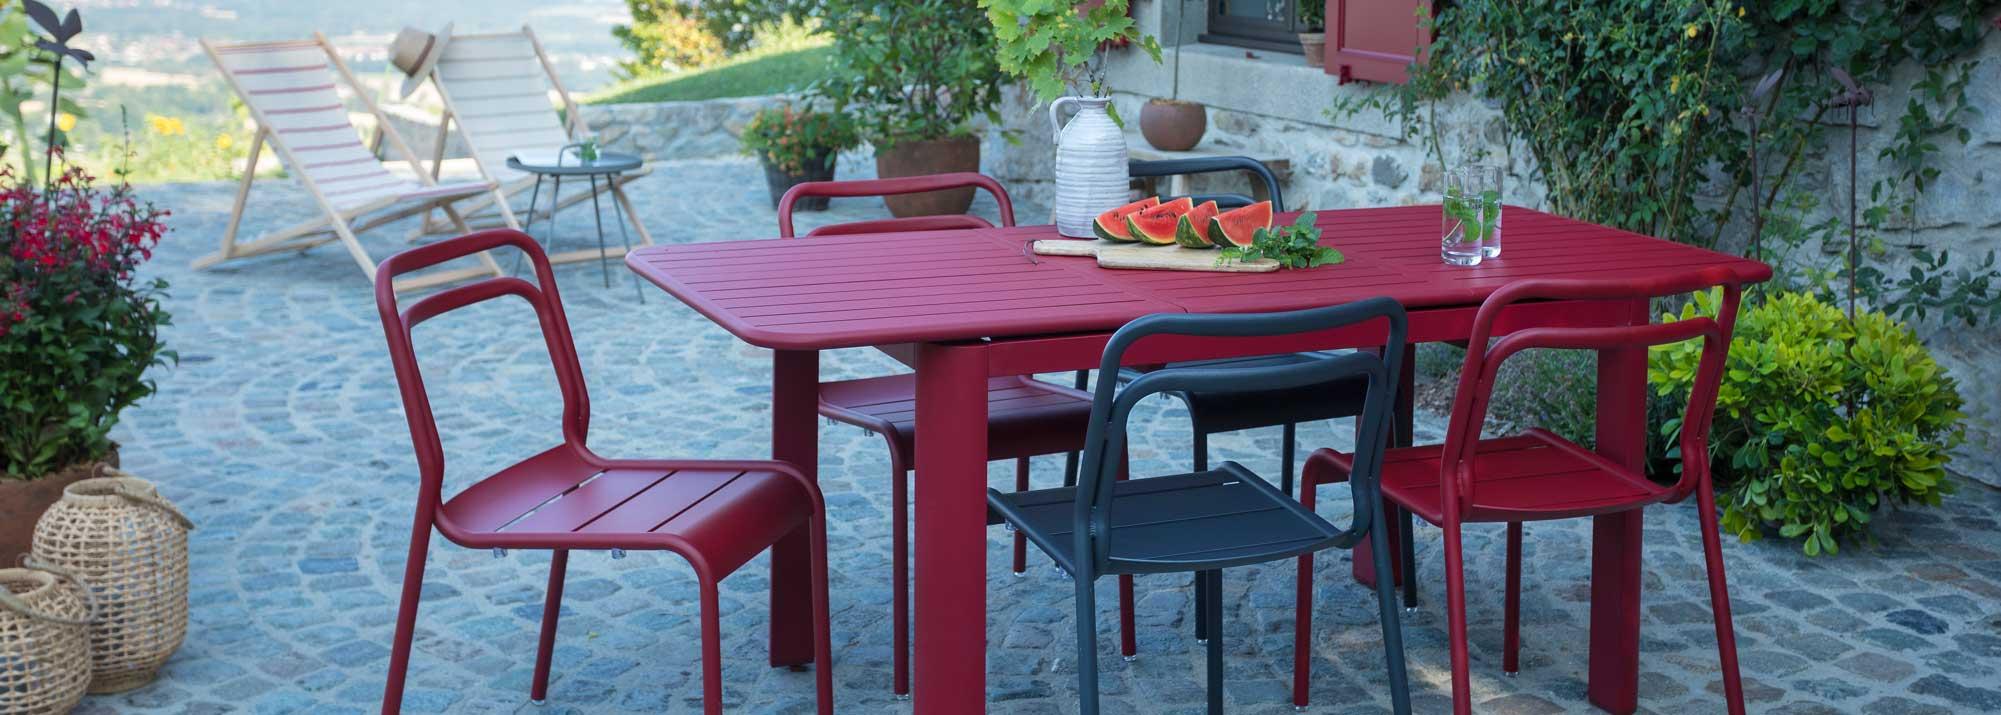 Meubles De Jardin Table Ronde   Emejing Salon De Jardin ...